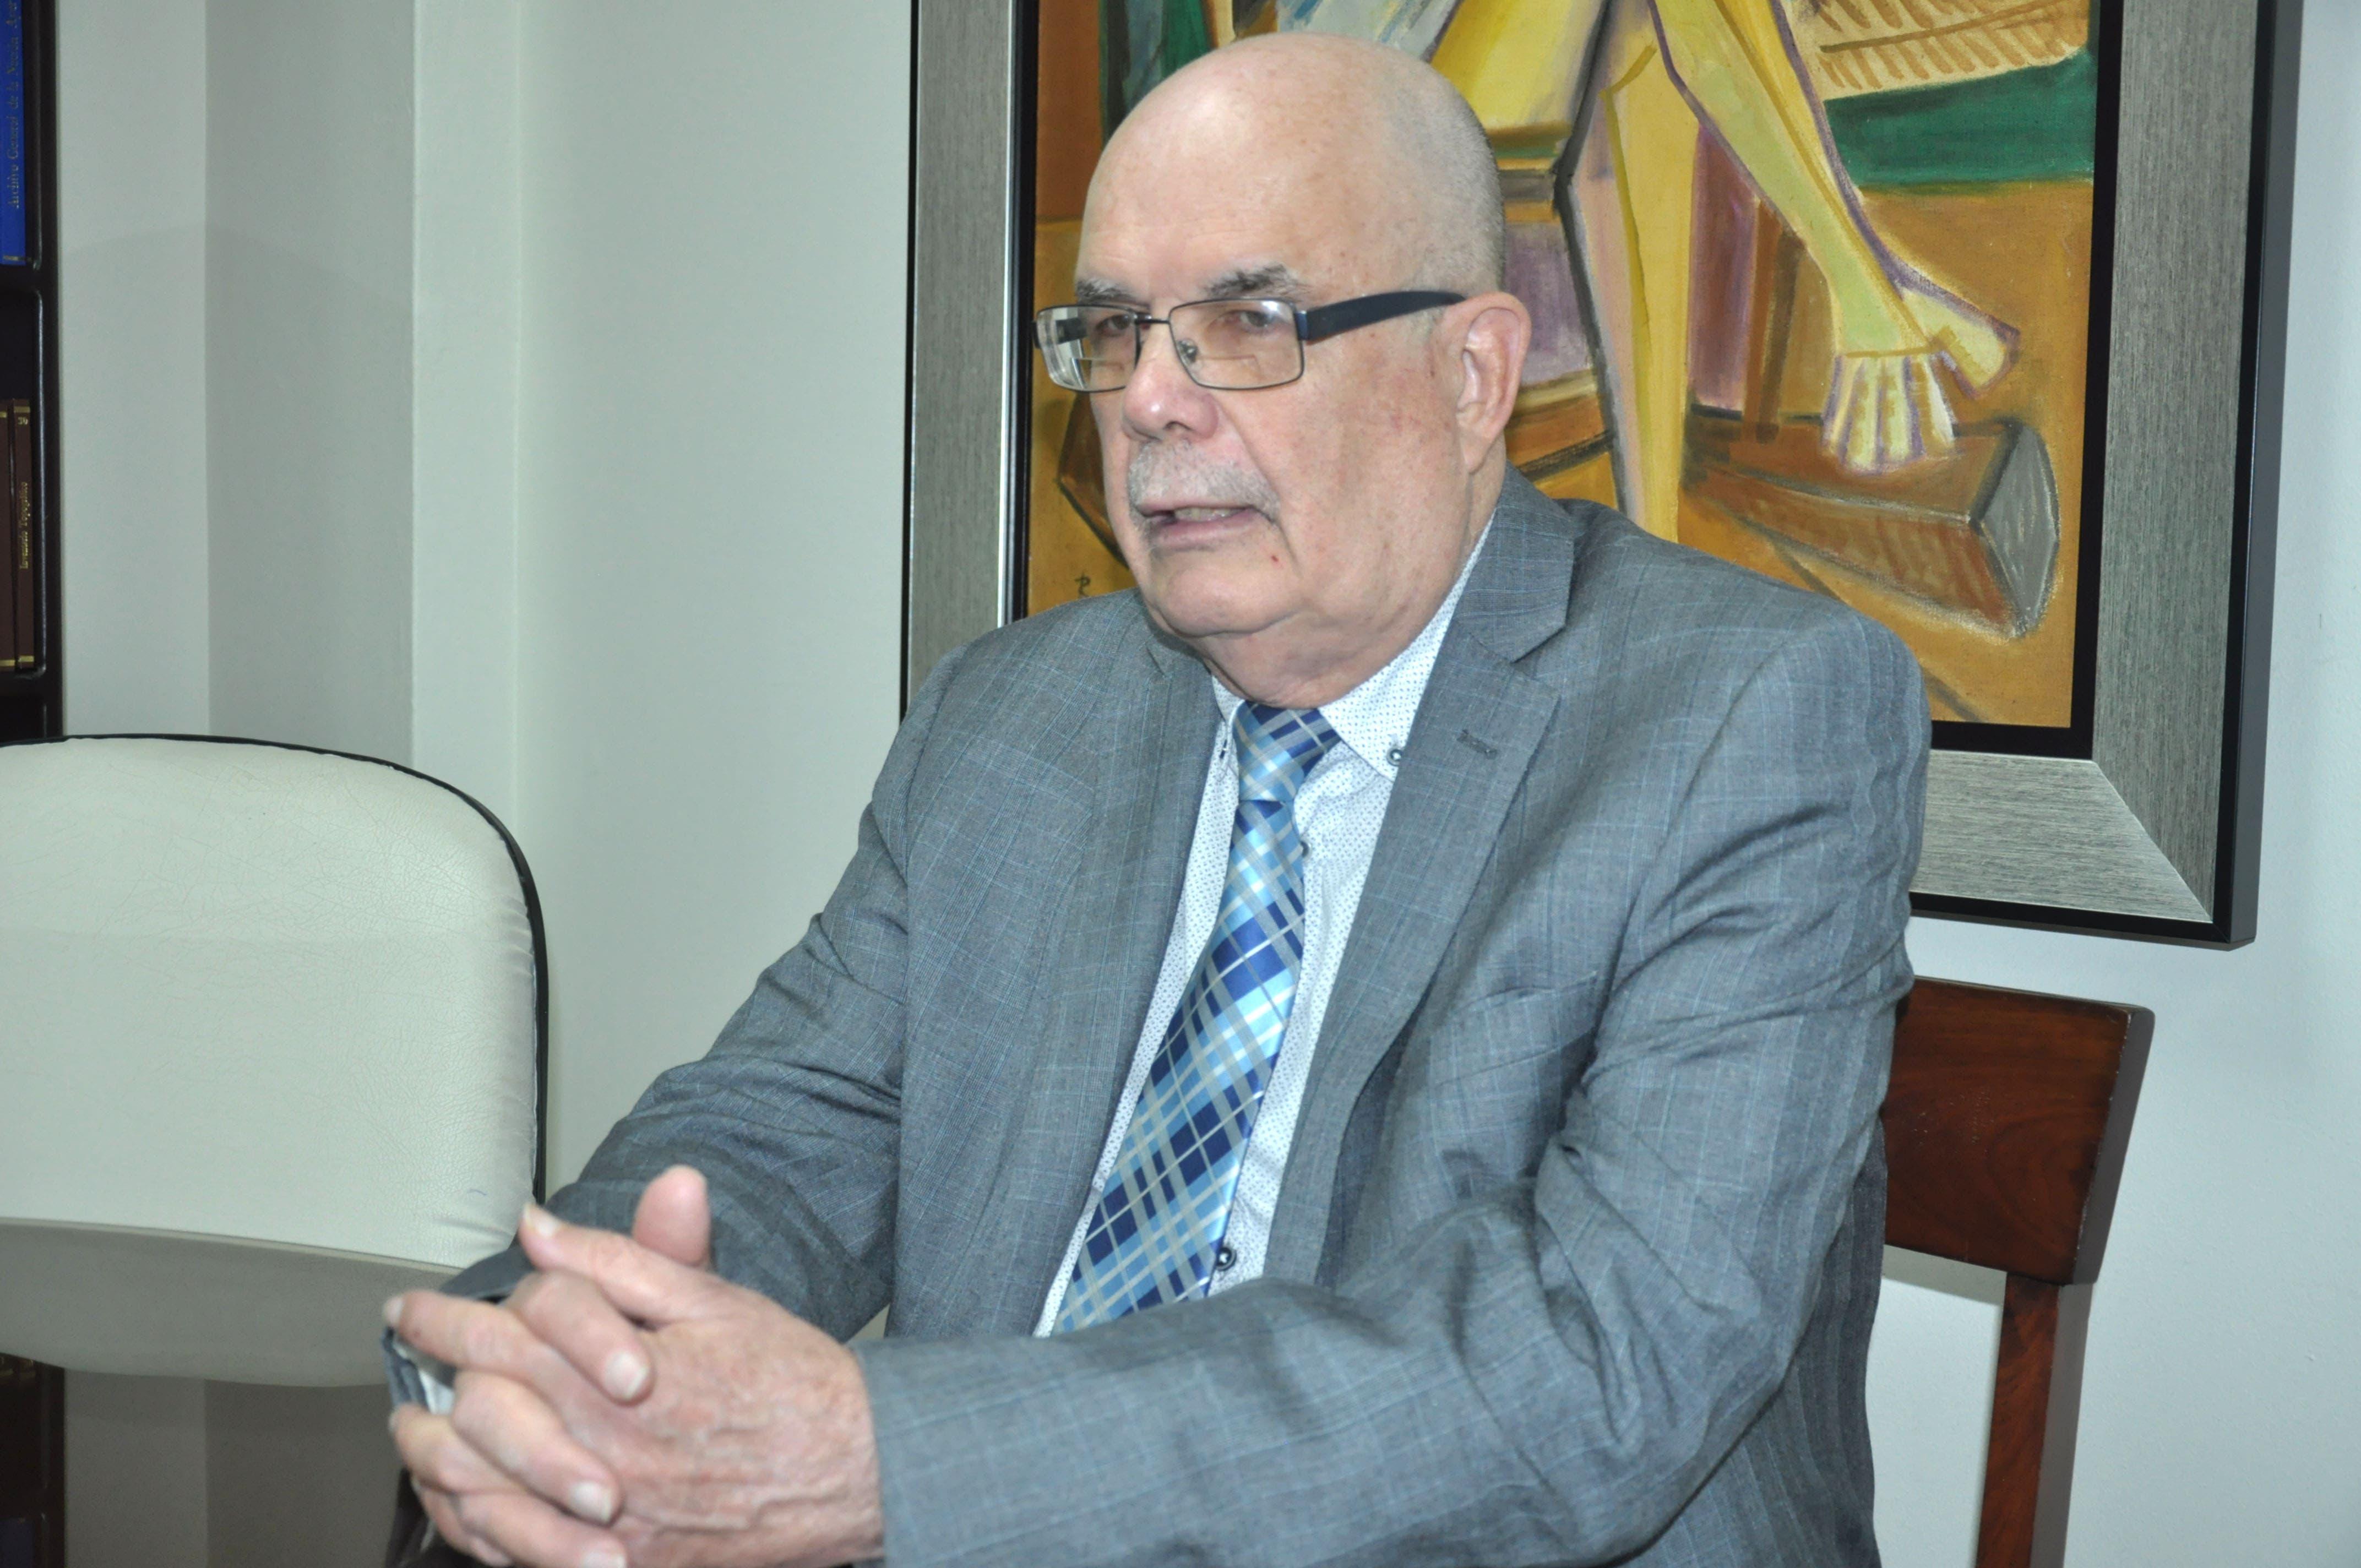 Historiadores coinciden expedición del 14 de junio marcó fin dictadura Trujillo